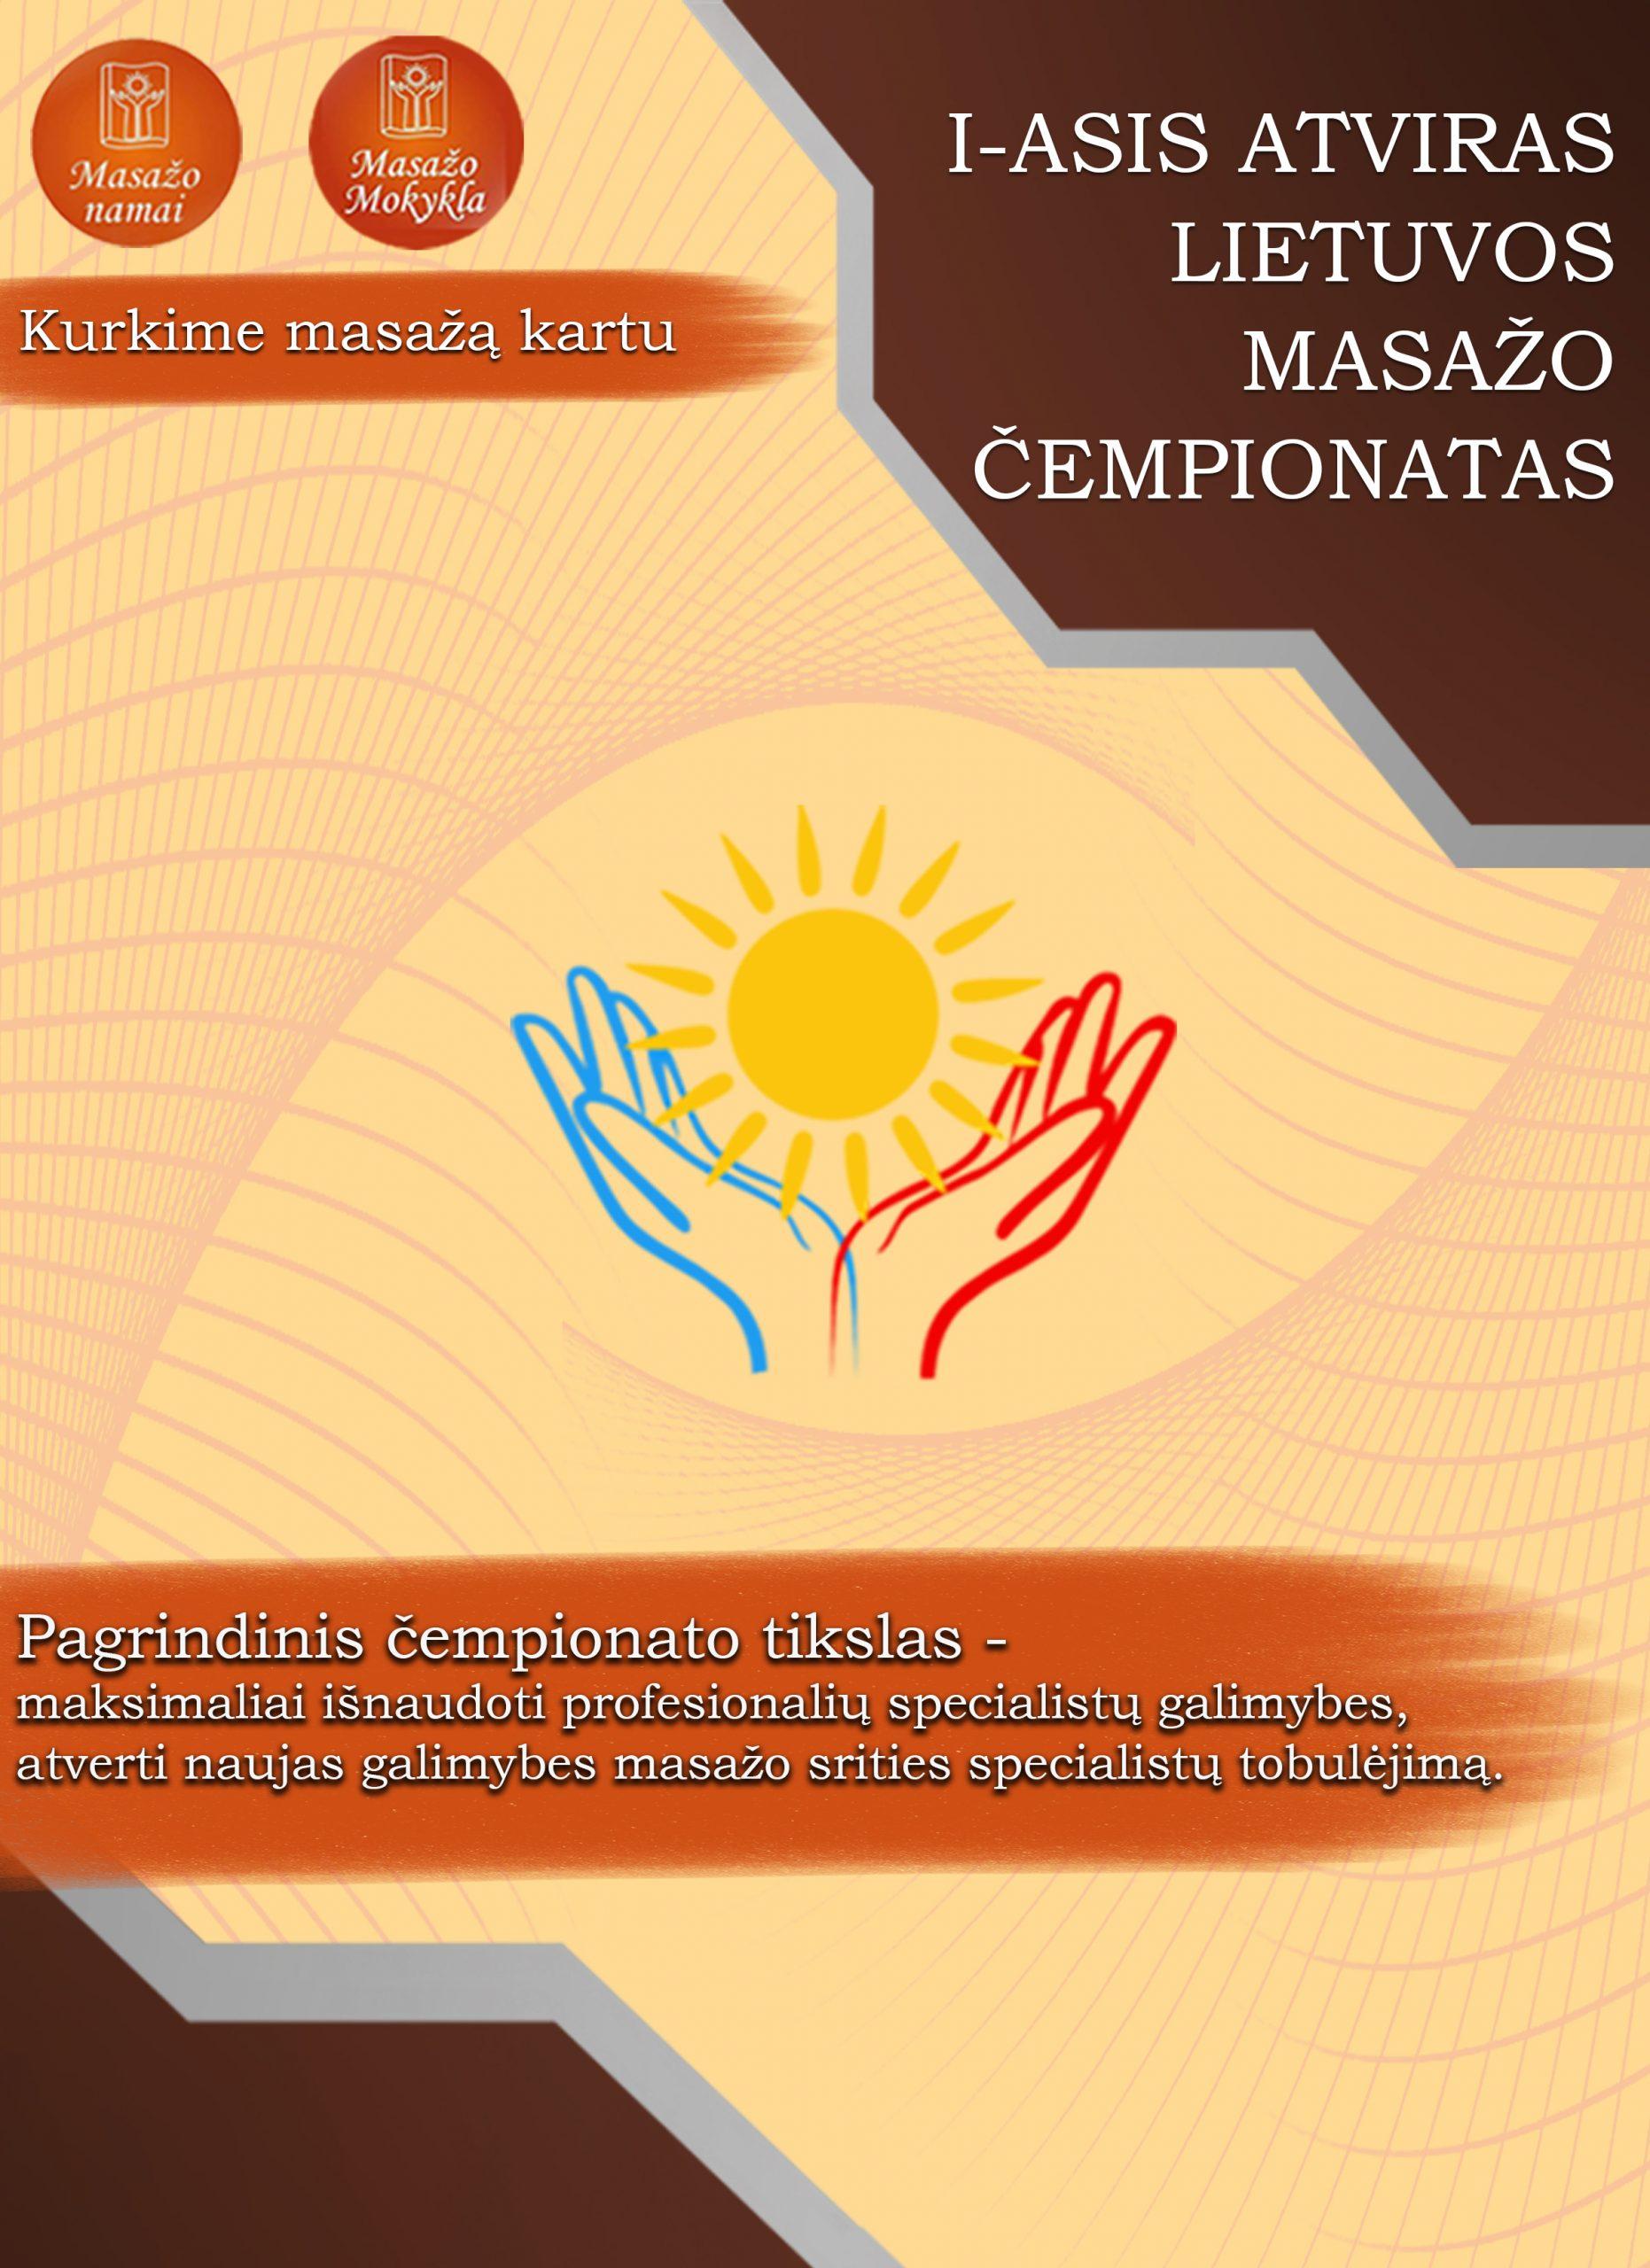 hipertenzijos masažo gydymas